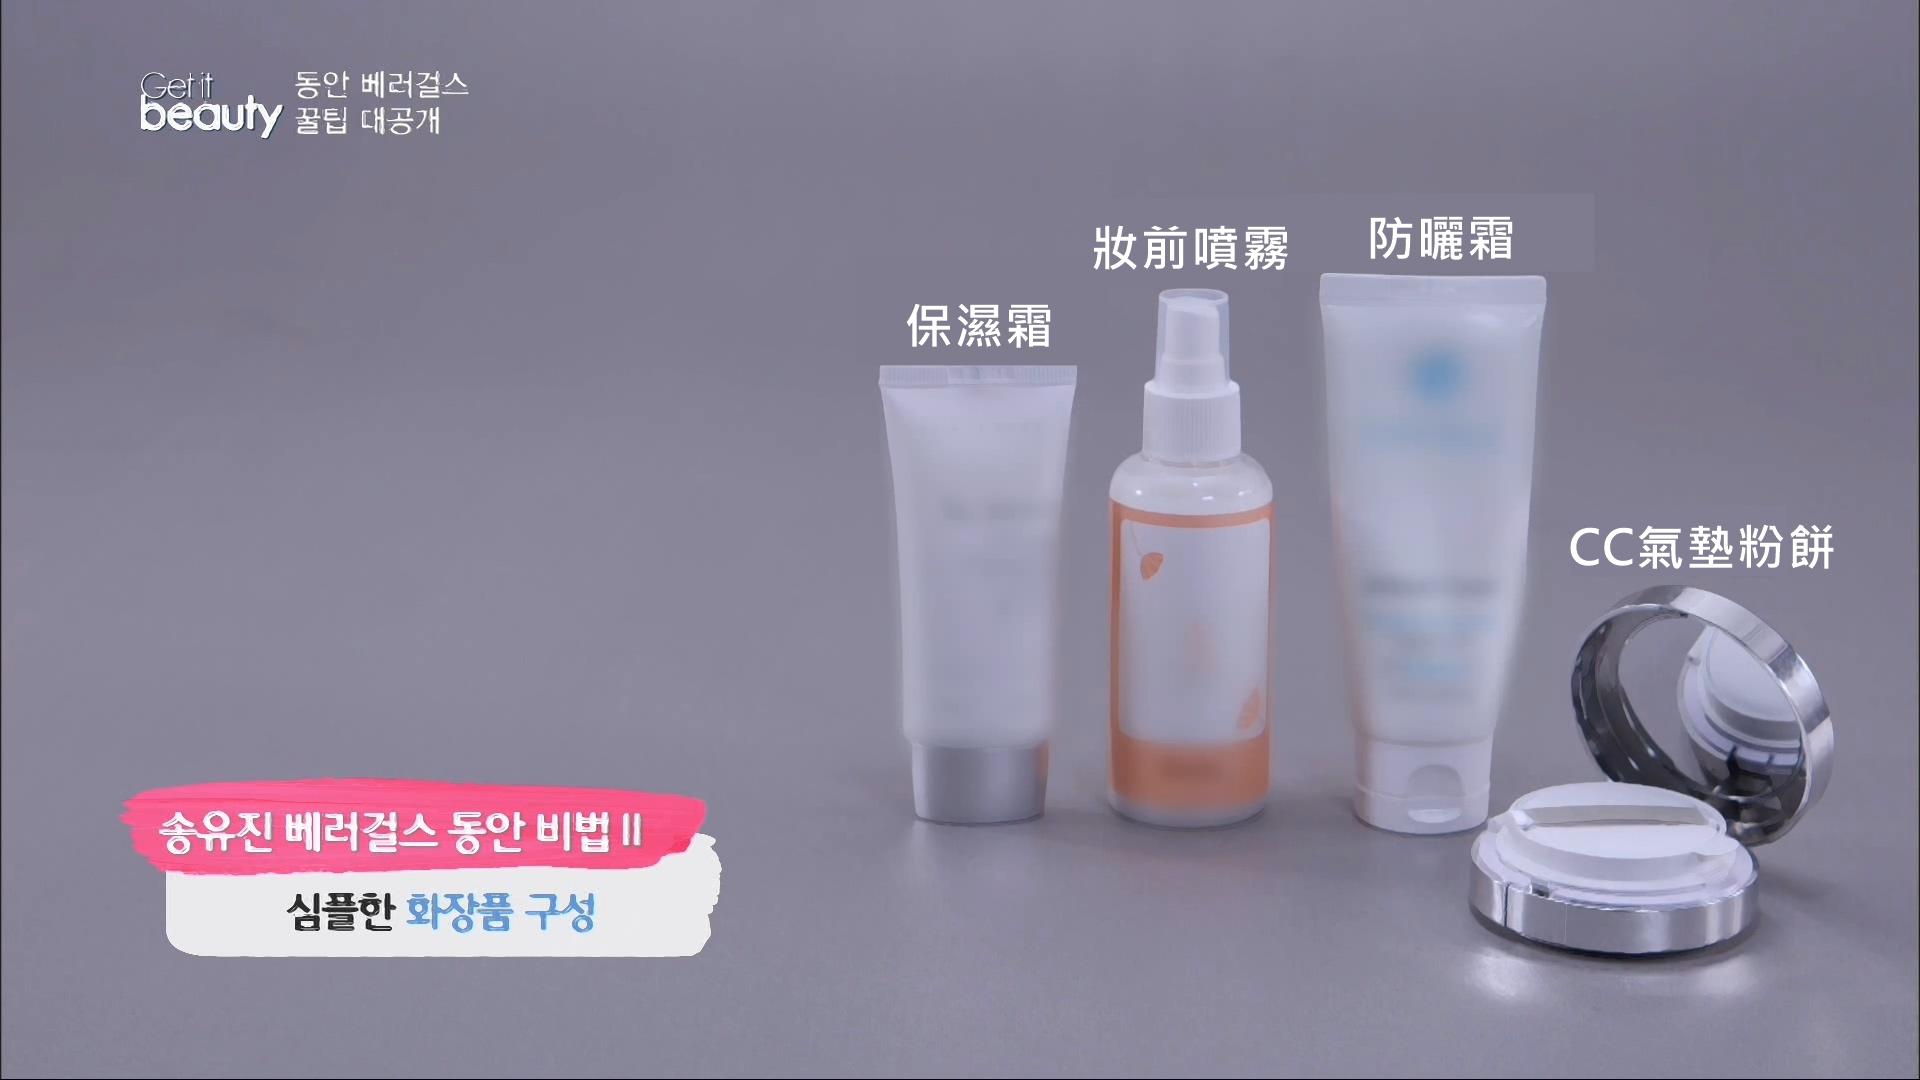 為了讓皮膚減少傷害(同時也是因為皮膚好啦),底妝可以盡量輕薄,使用防曬霜、化妝水、保濕產品與CC氣墊就能完成底妝